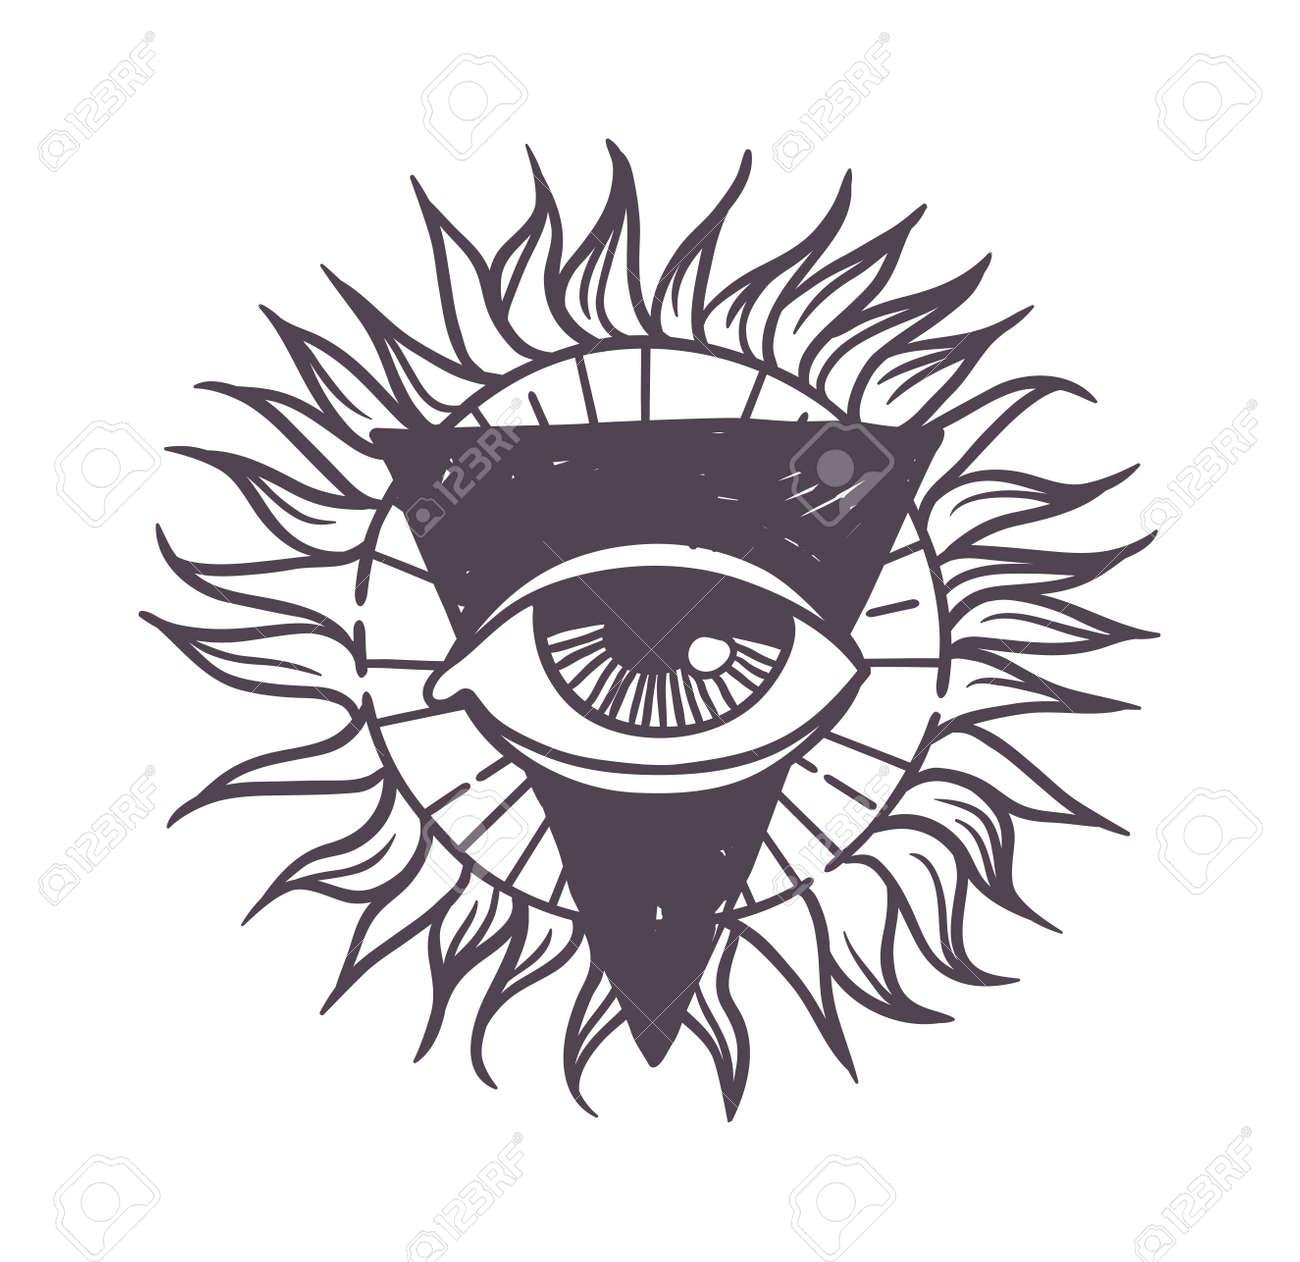 disegnato vector simbolo esoterico schizzo a mano la religione la